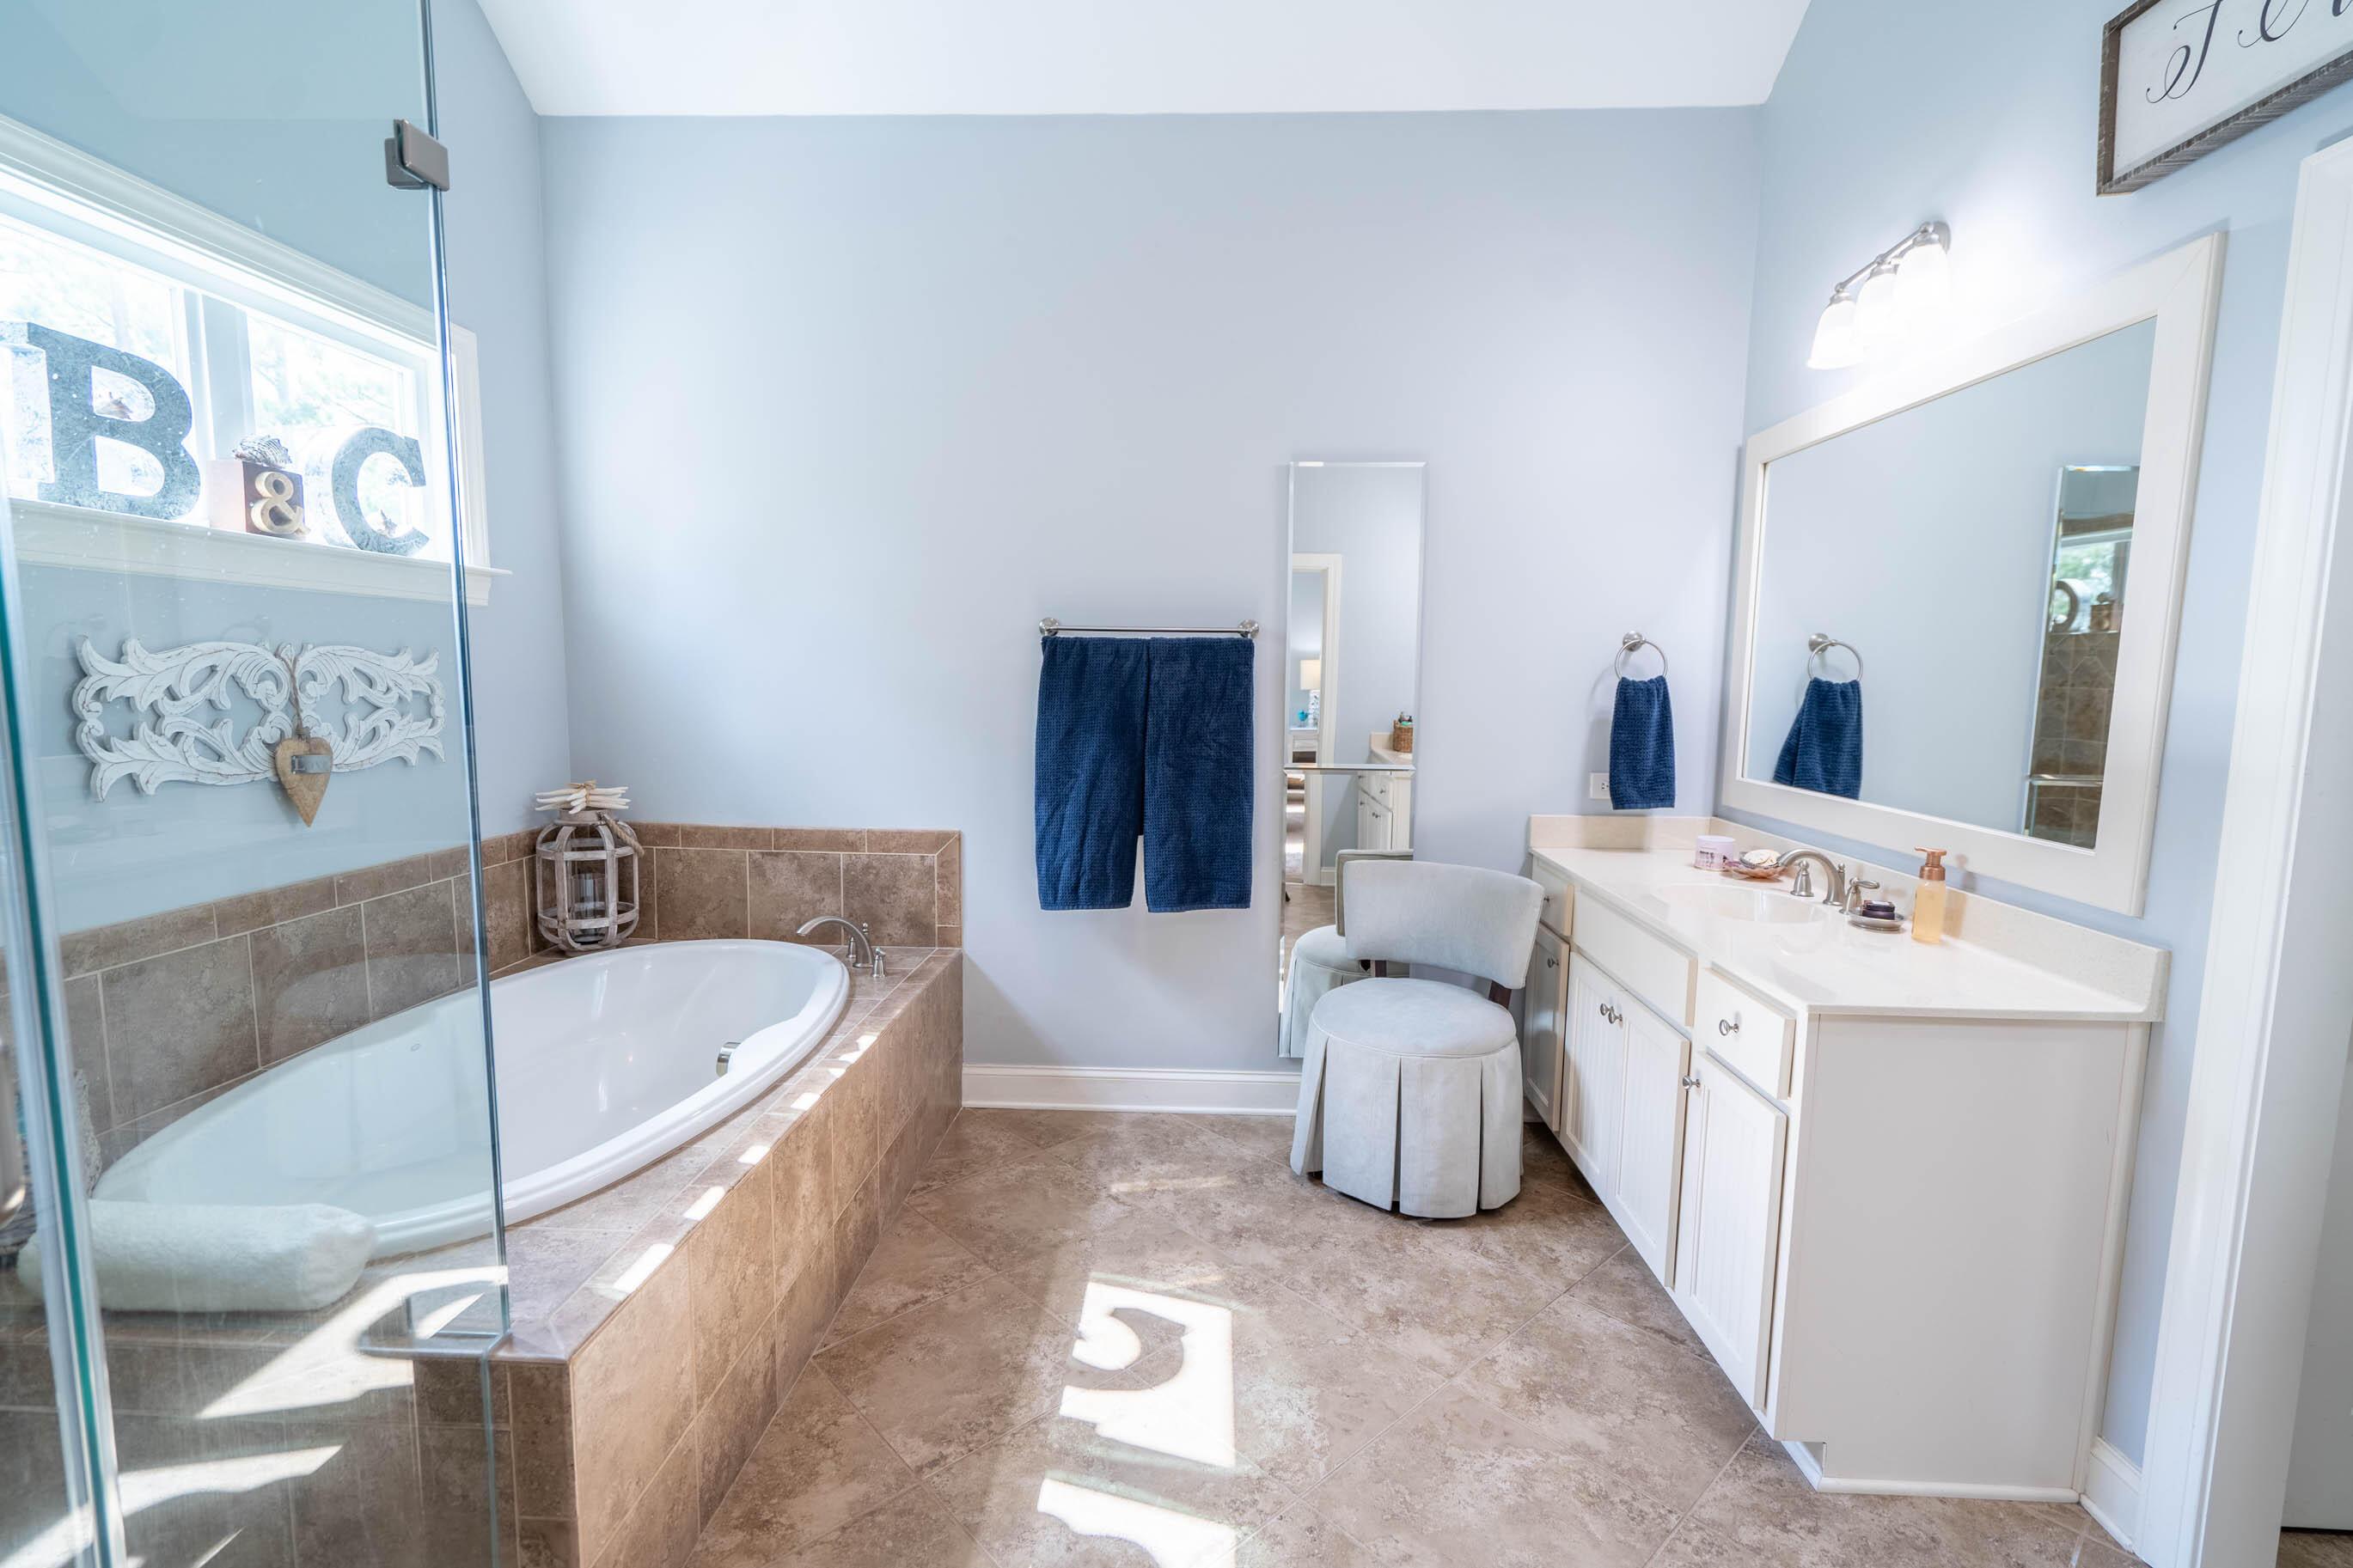 Dunes West Homes For Sale - 2997 Sturbridge, Mount Pleasant, SC - 46